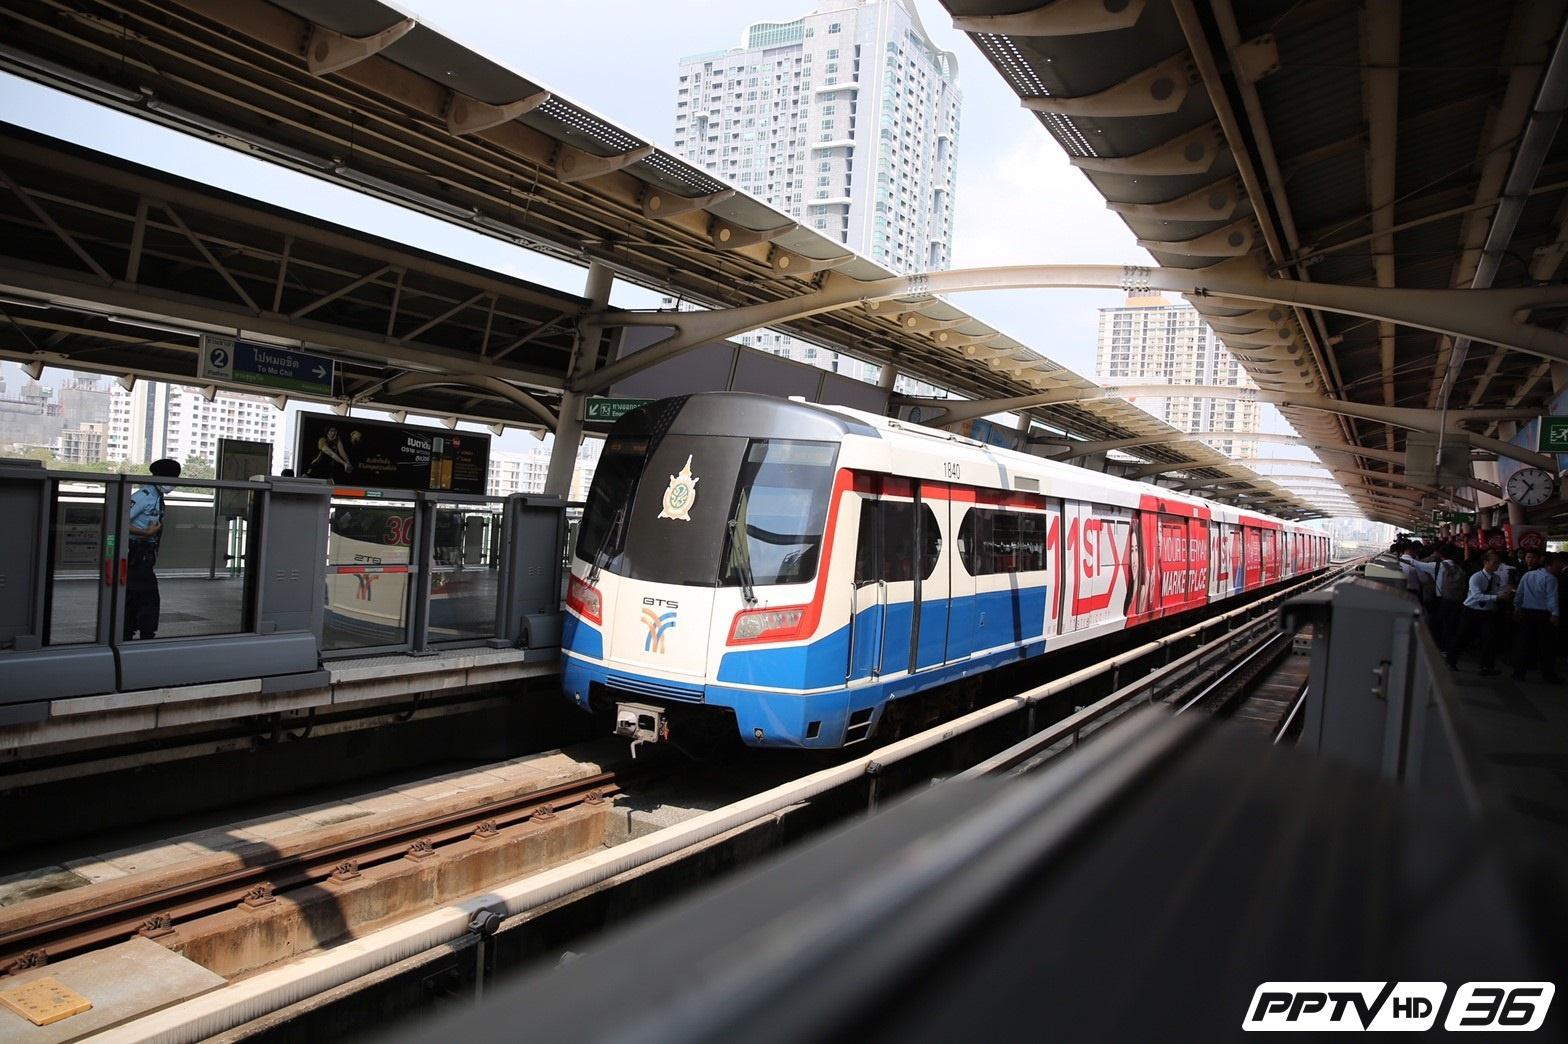 ทดลองเดินรถไฟฟ้าบีทีเอสสถานีแบริ่ง-สำโรง